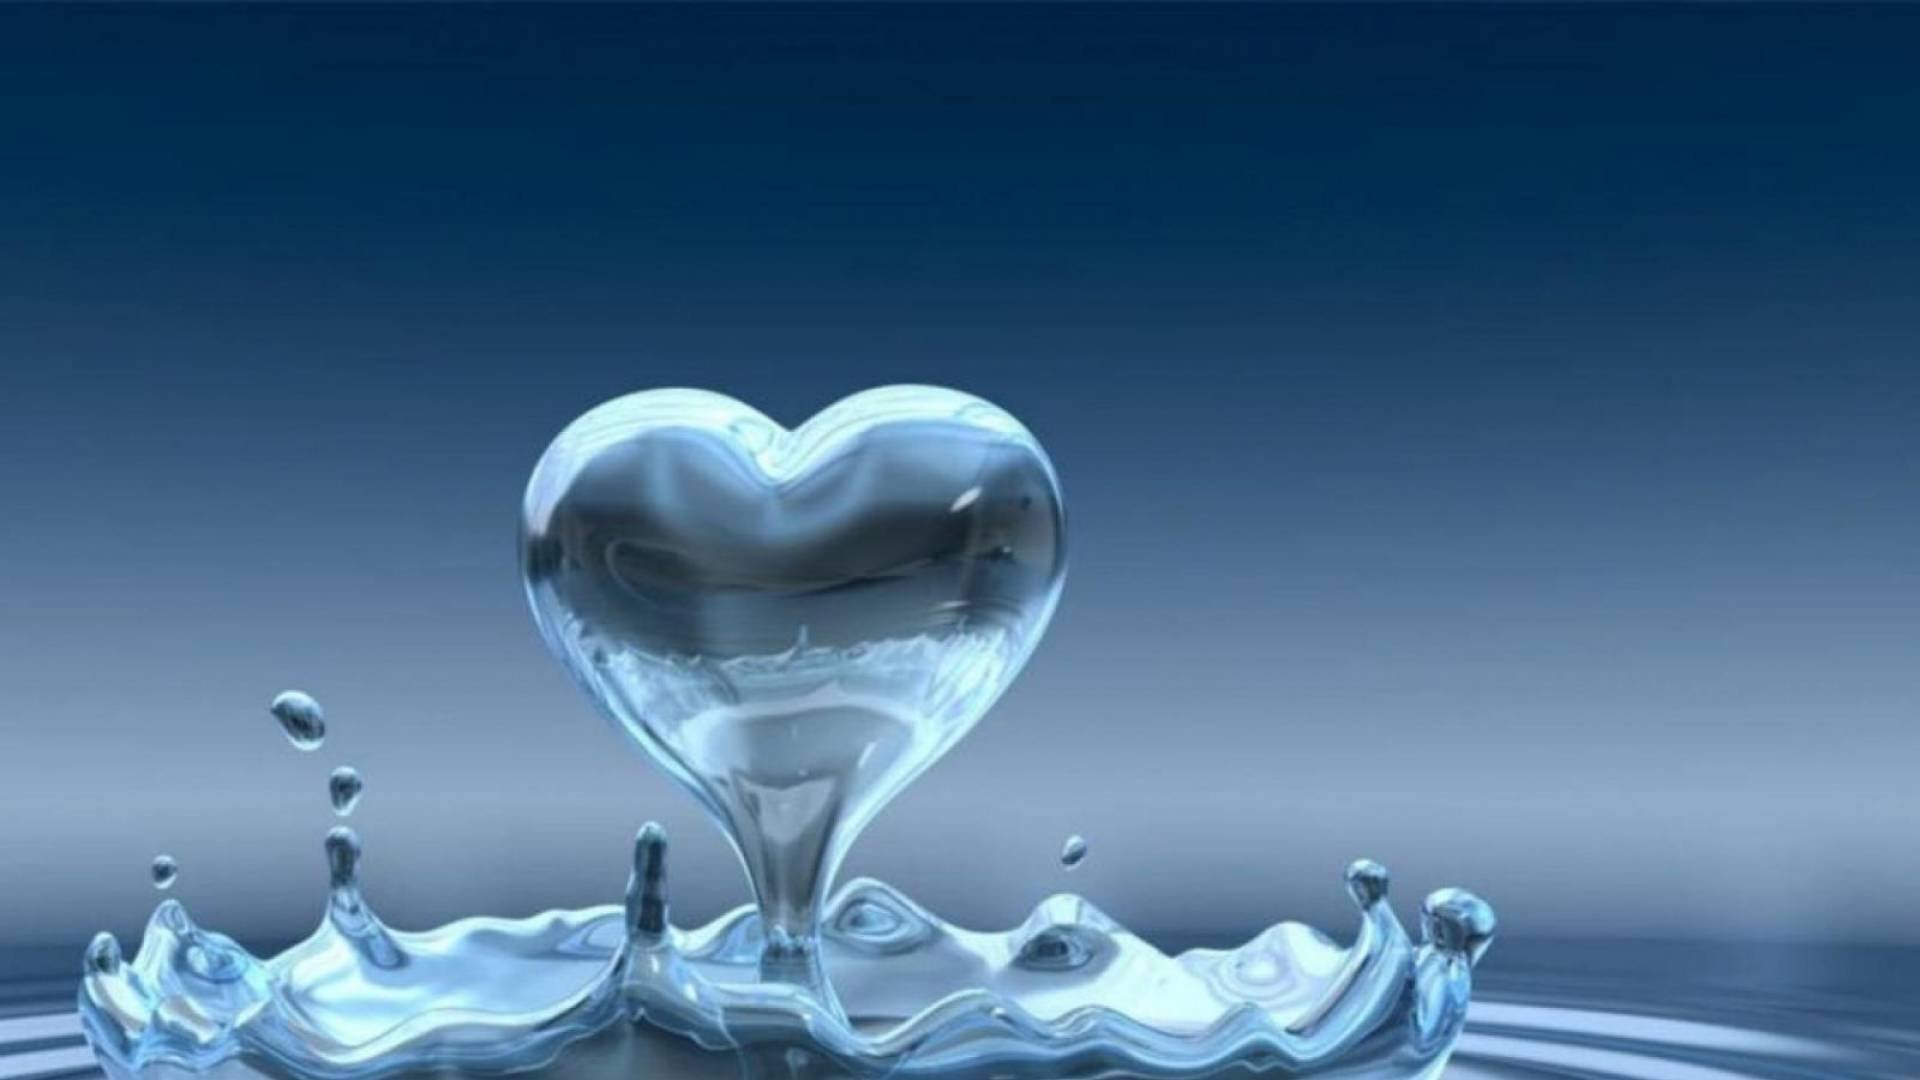 Water heart wallpaper | 1920x1080 | 694664 | WallpaperUP